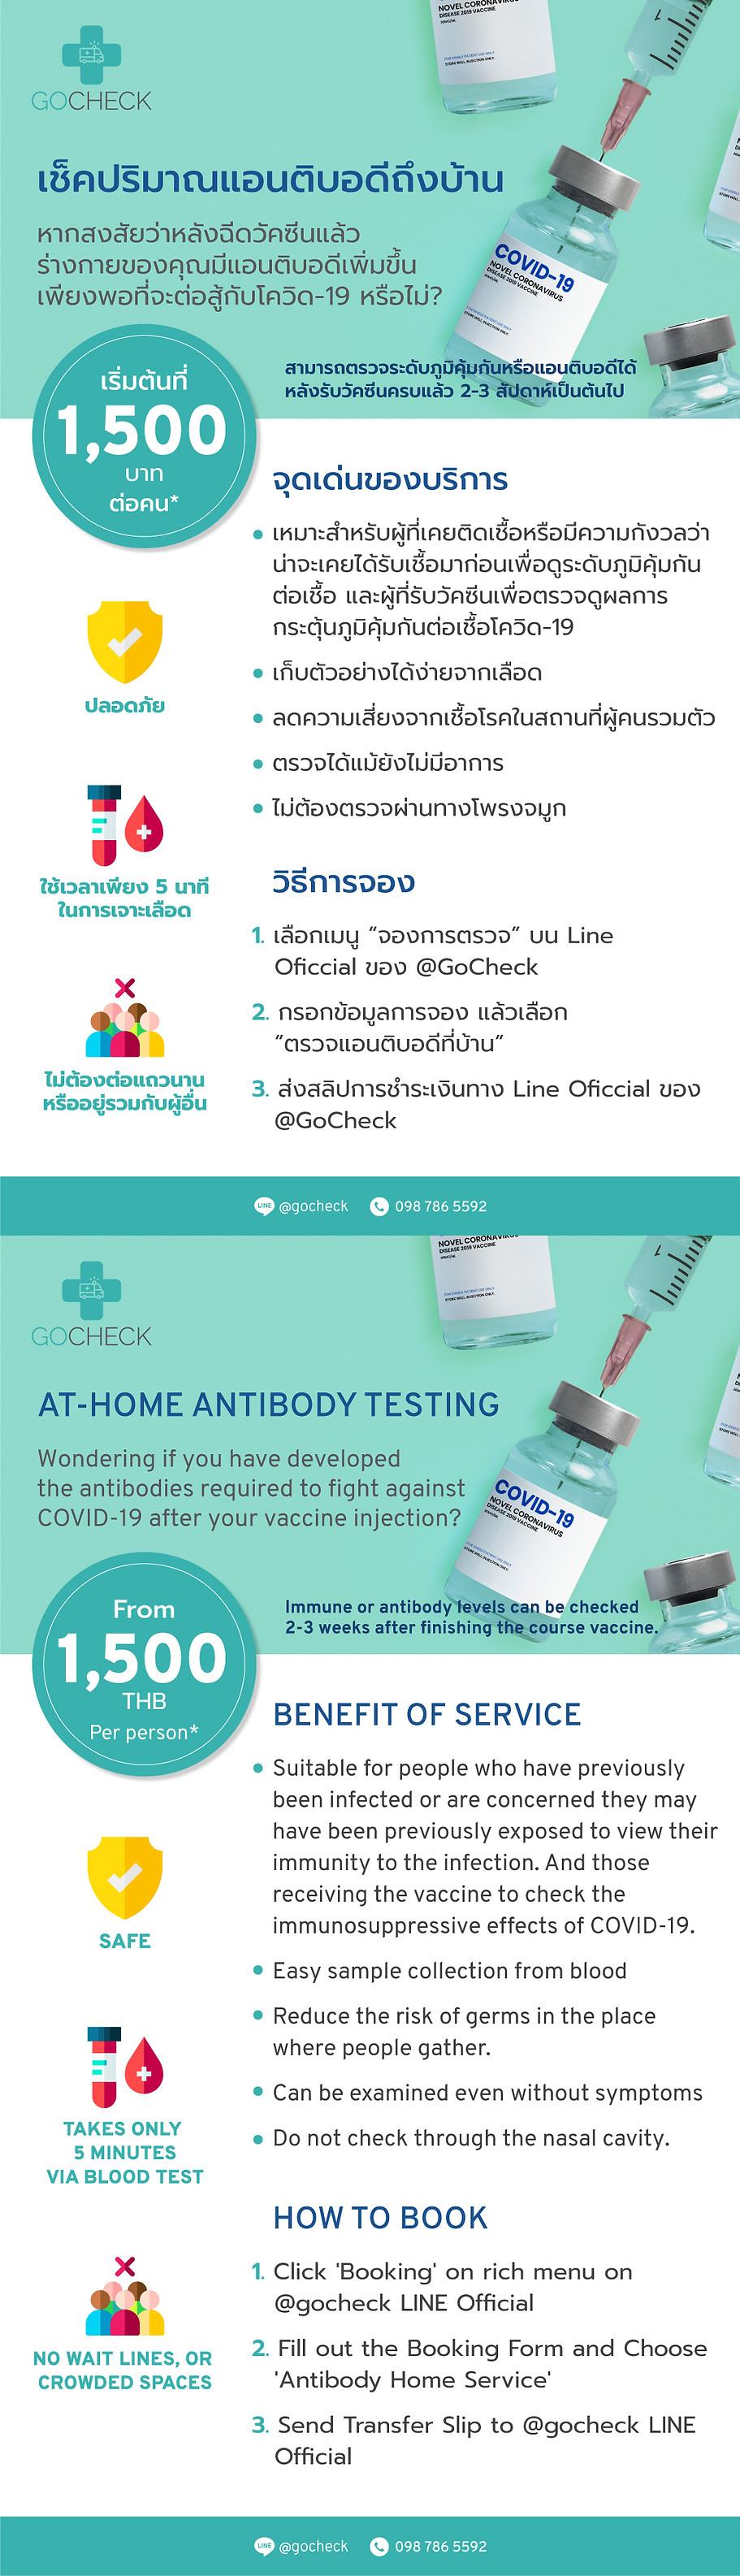 GoCheck-Antibody-Testing-Fact-Sheet-ENG-